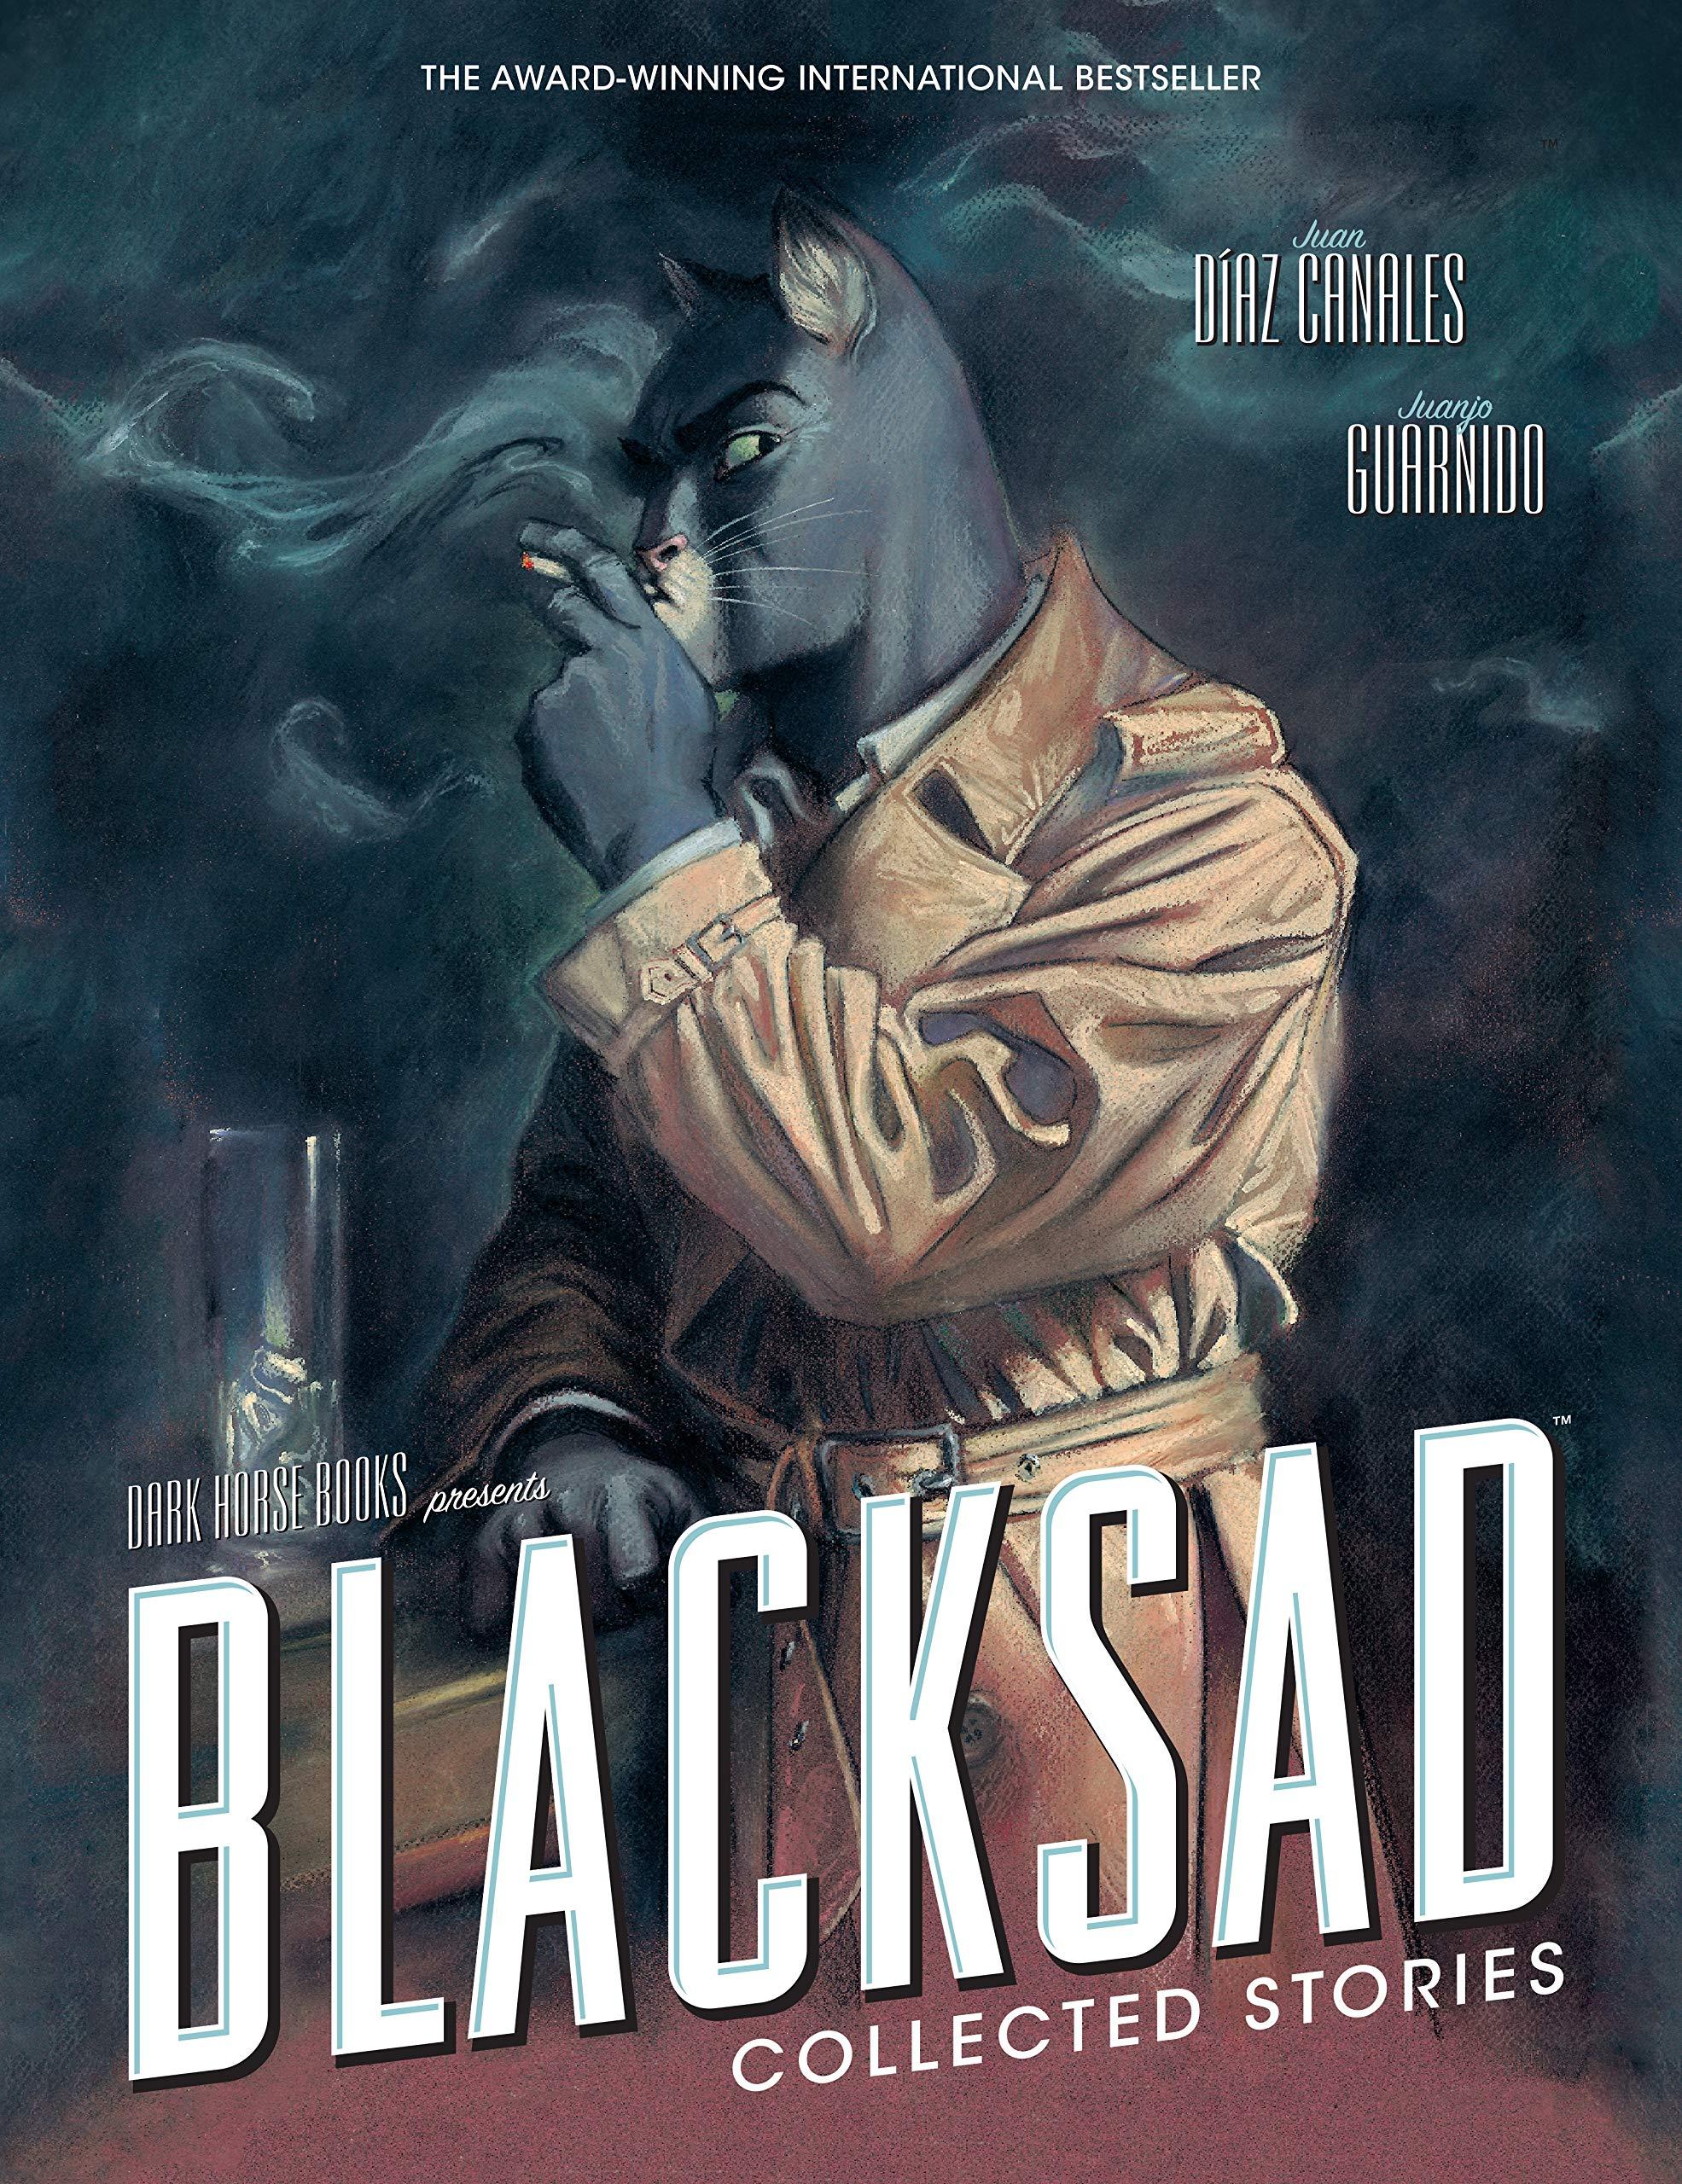 Leer Blacksad Volumen 1, 2, 3, 4 y 5 Online en Español